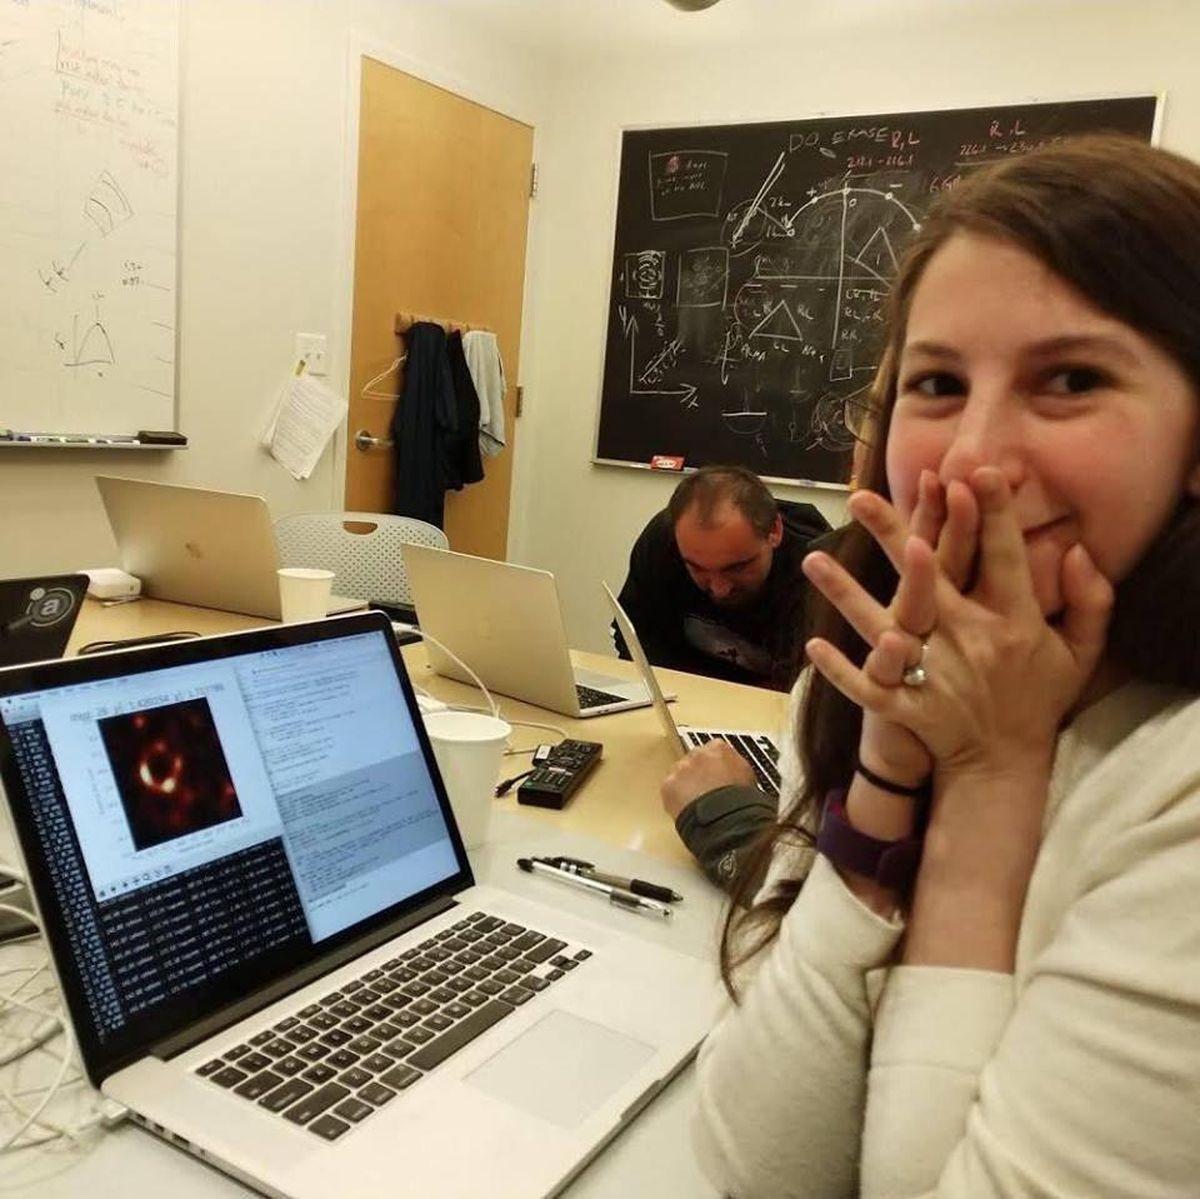 La Dre Katie Bouman, l'informaticienne qui a développé l'algorithme qui a permis de créer la première image d'un trou noir.